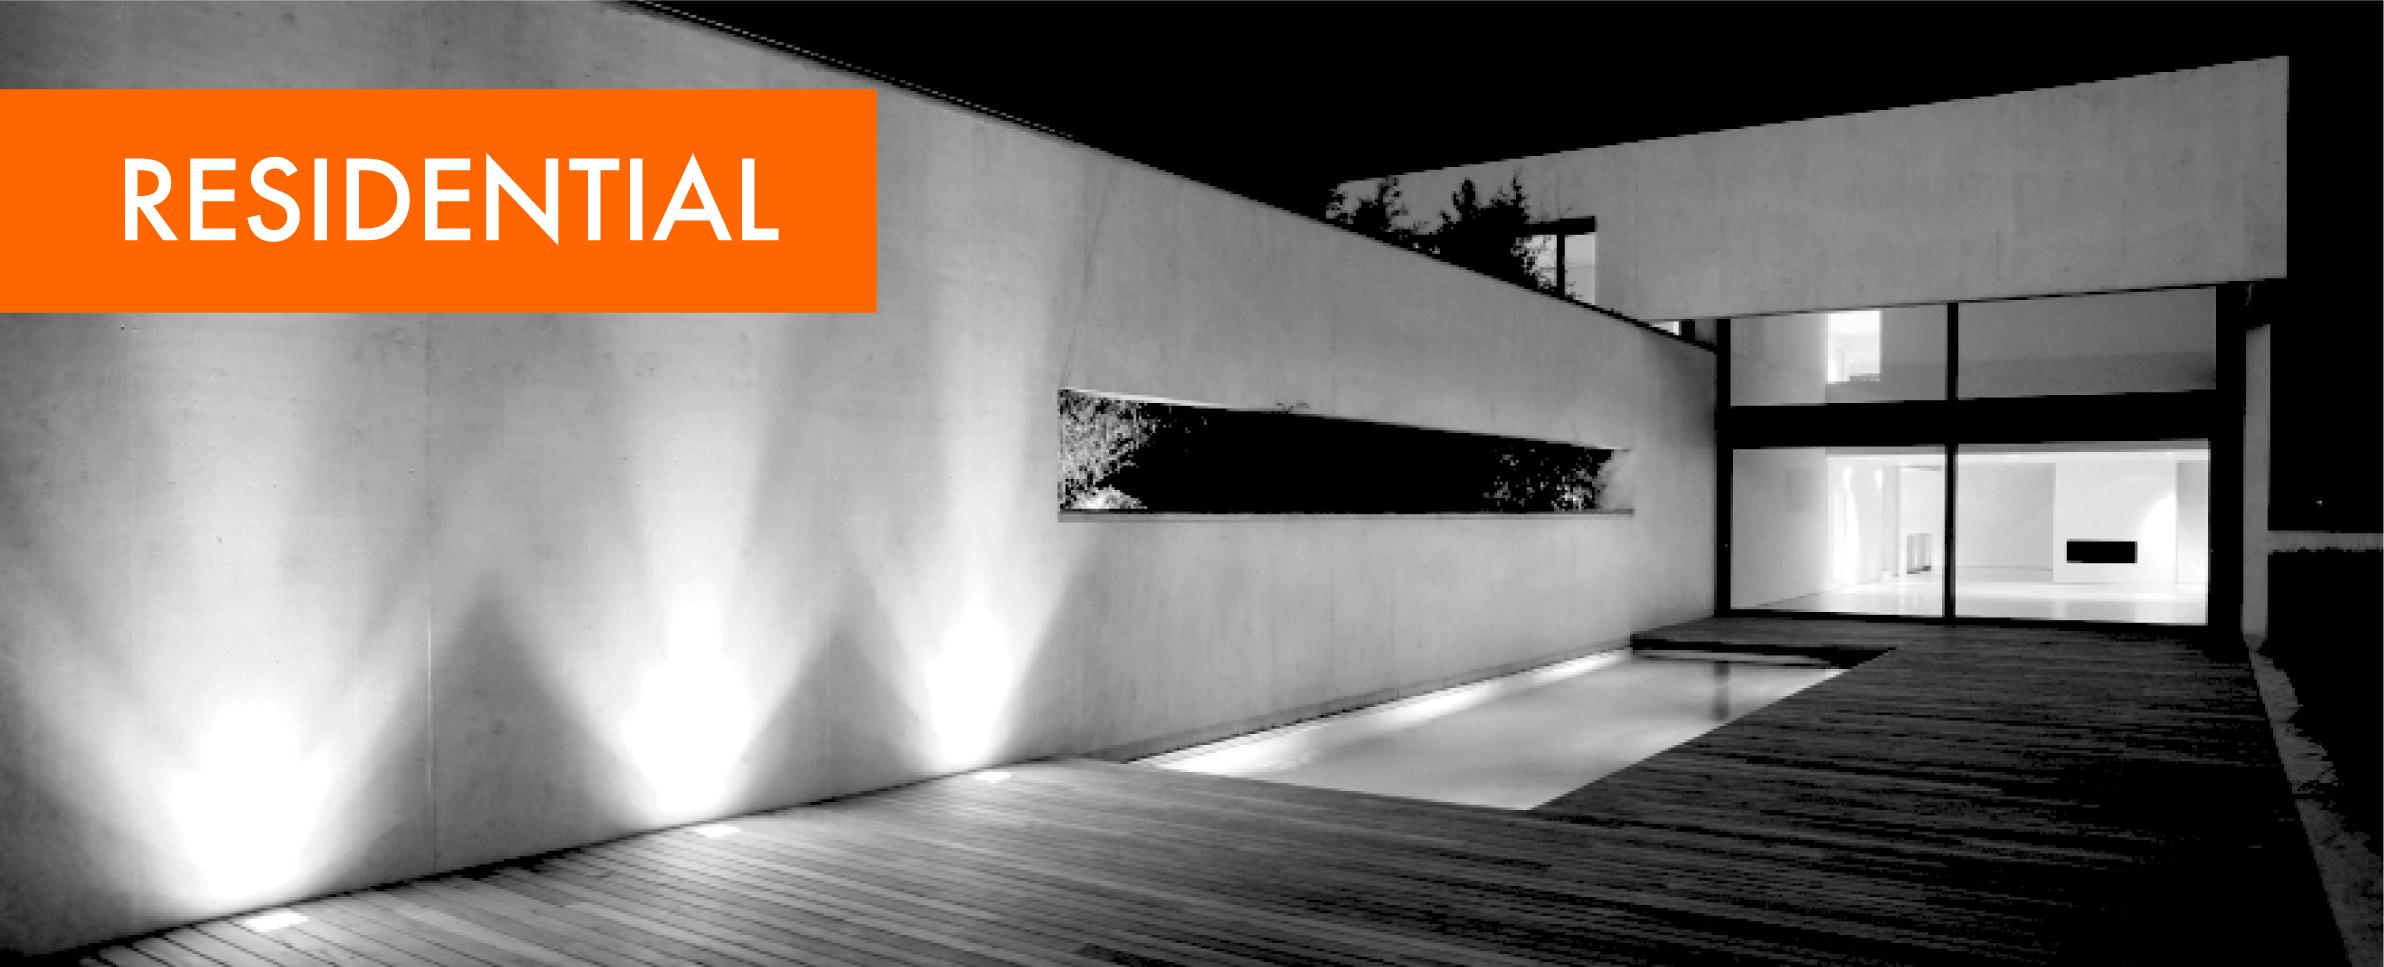 Emak_Residential_GALLERY.jpg